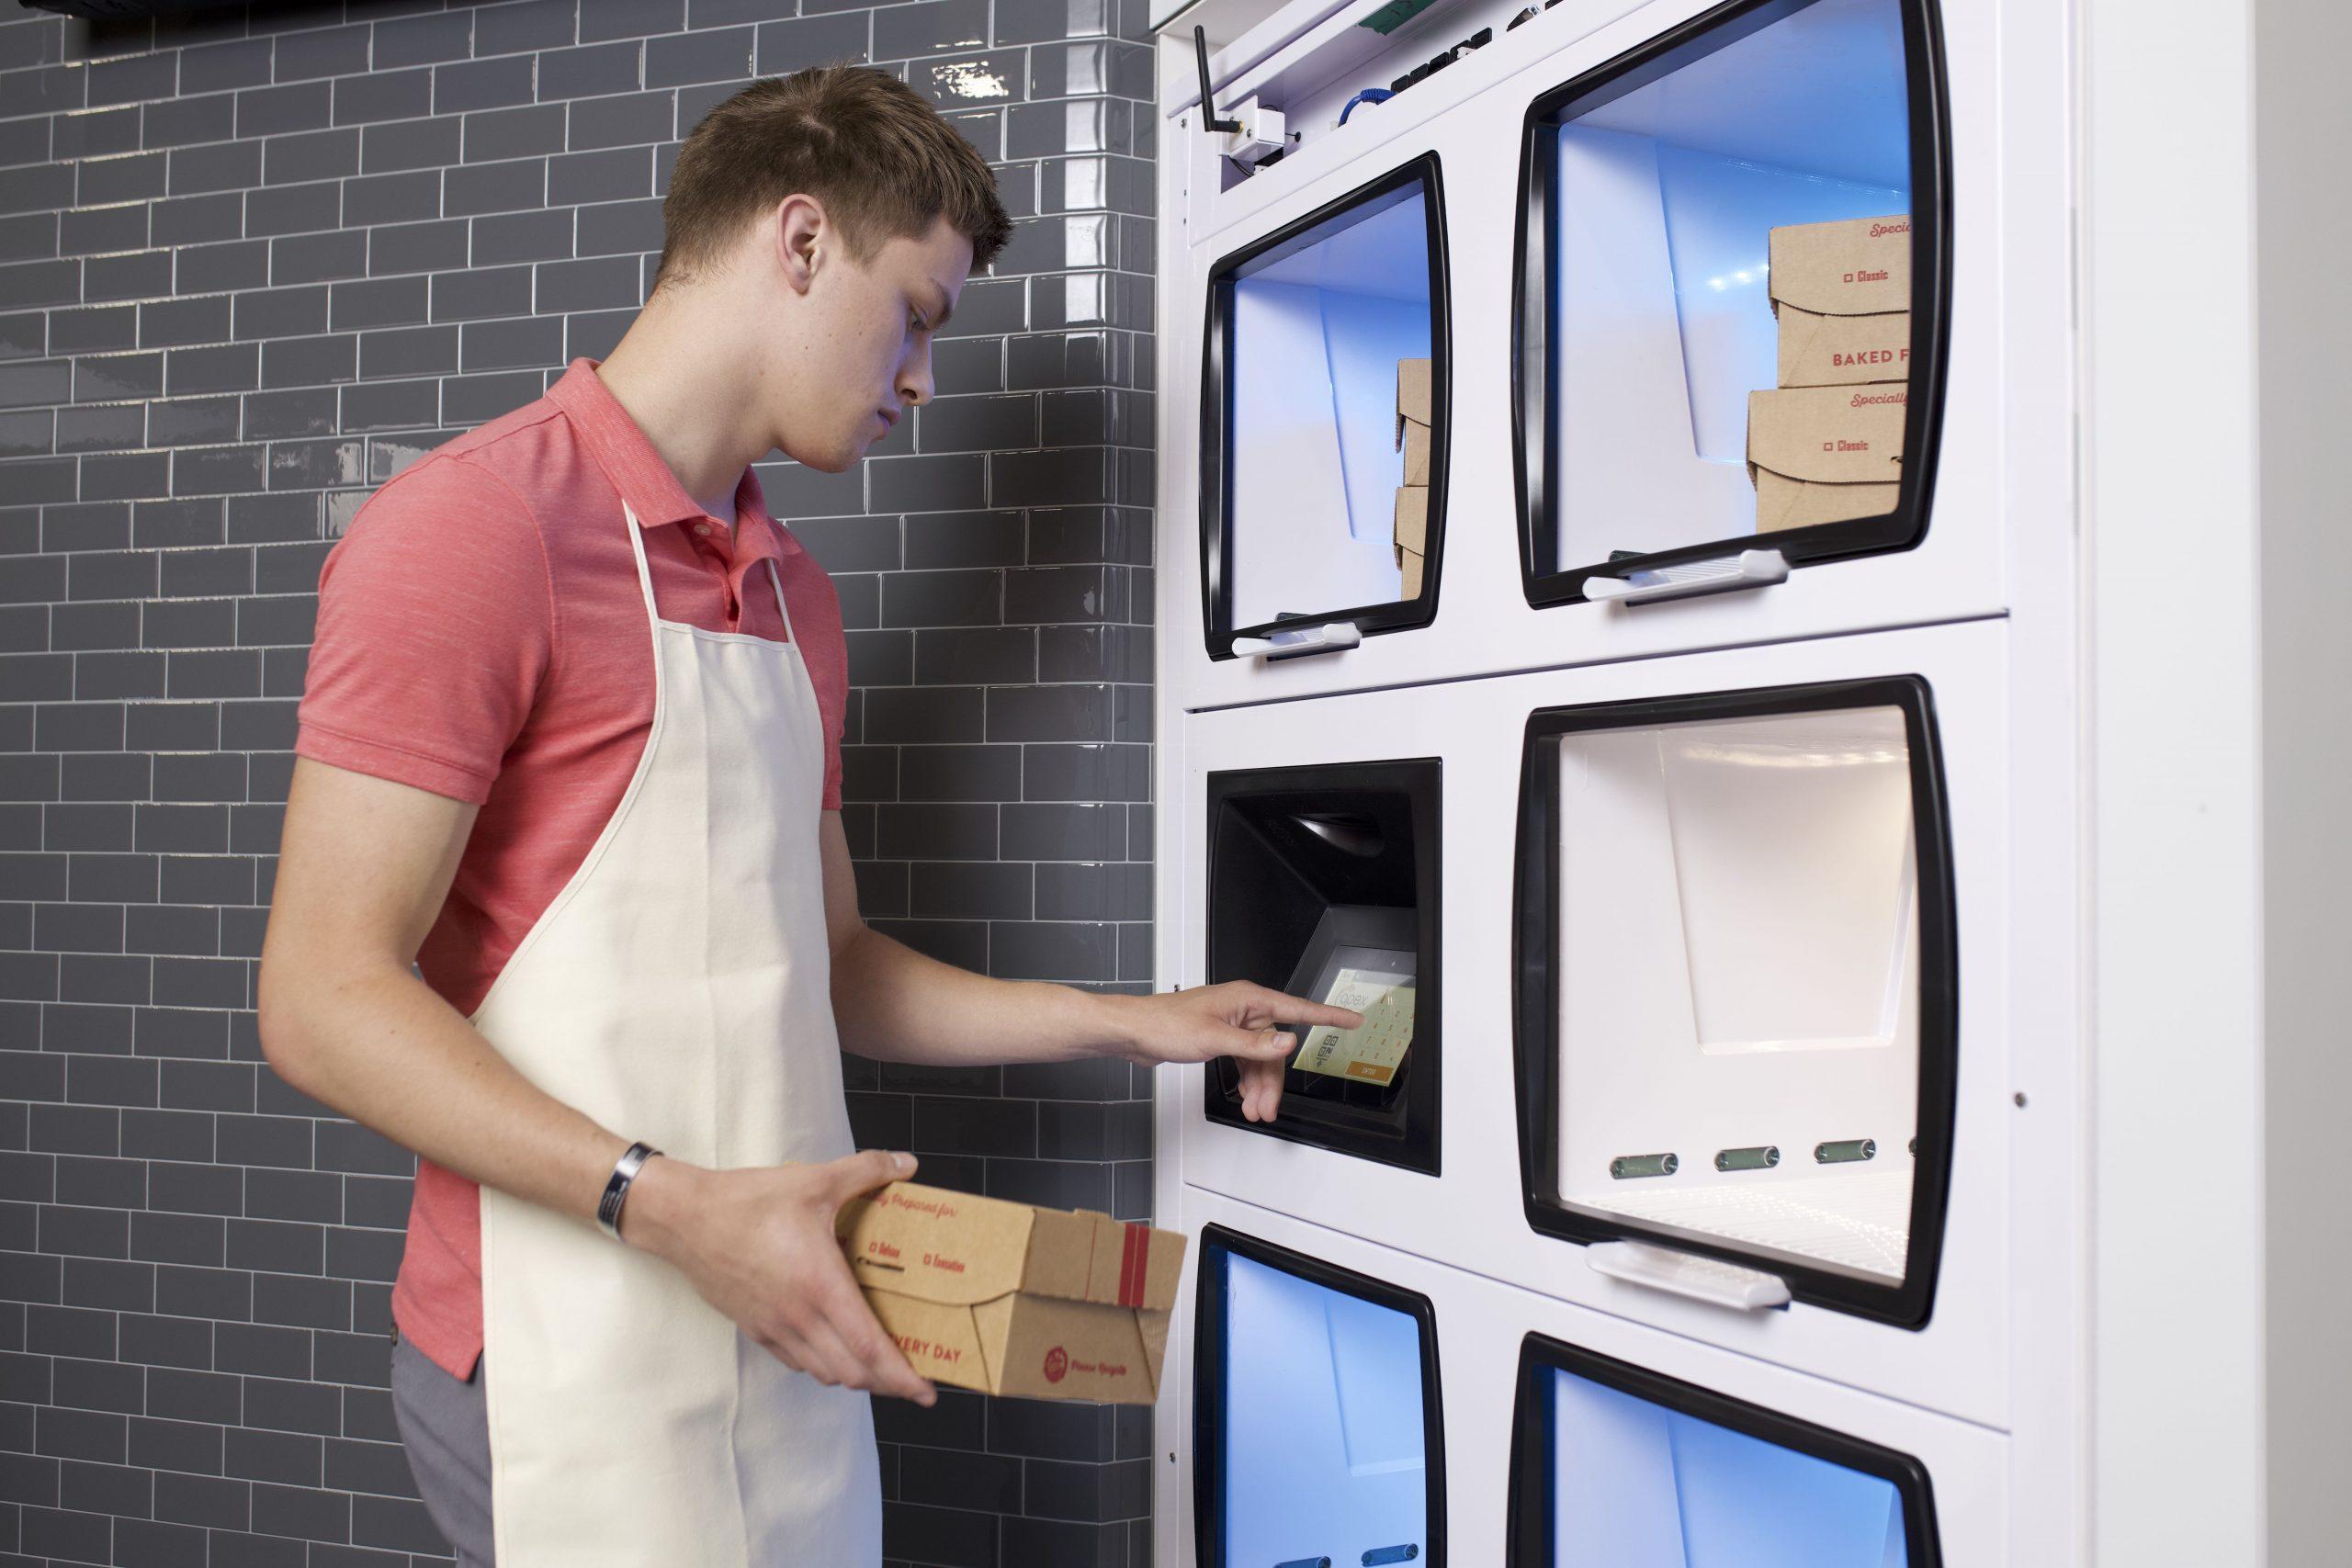 Restaurant employee loads order into Flow-Thru